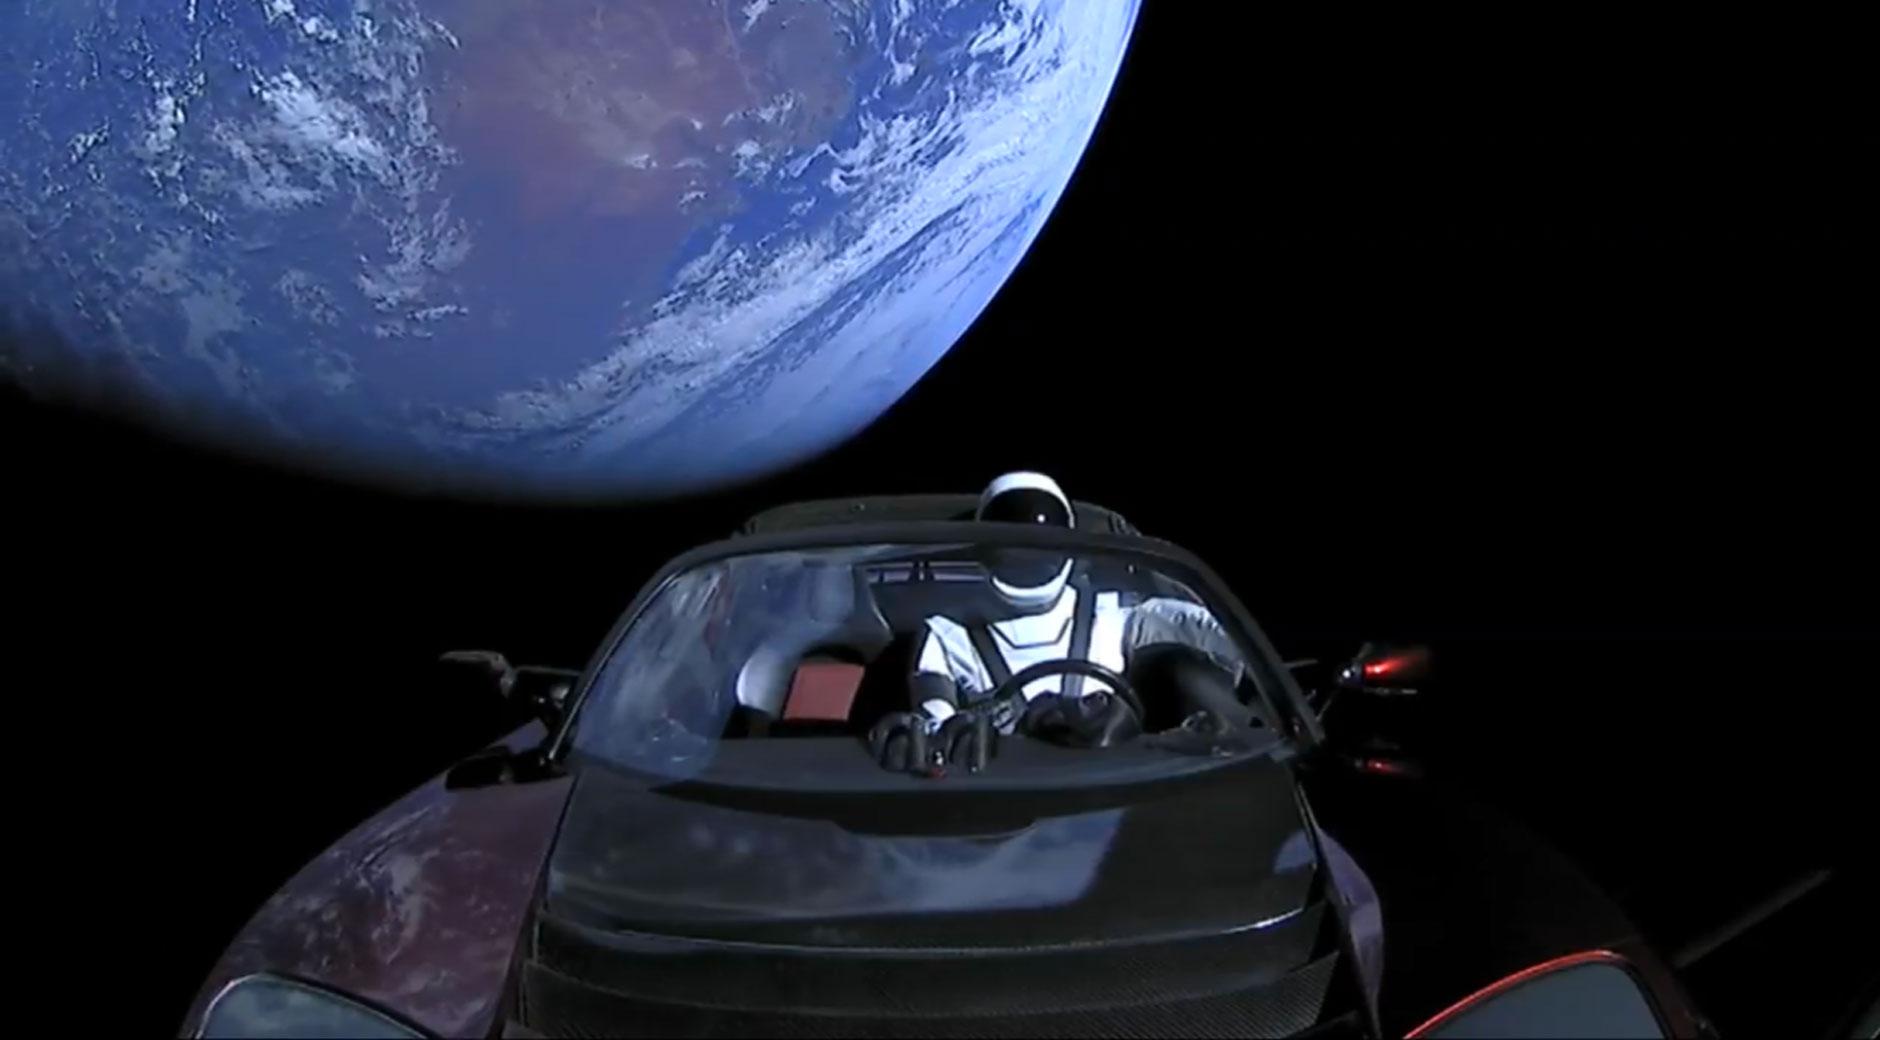 Der Tesla Roadster von Elon Musk auf dem Weg zum Mars (Bild: © SpaceX).